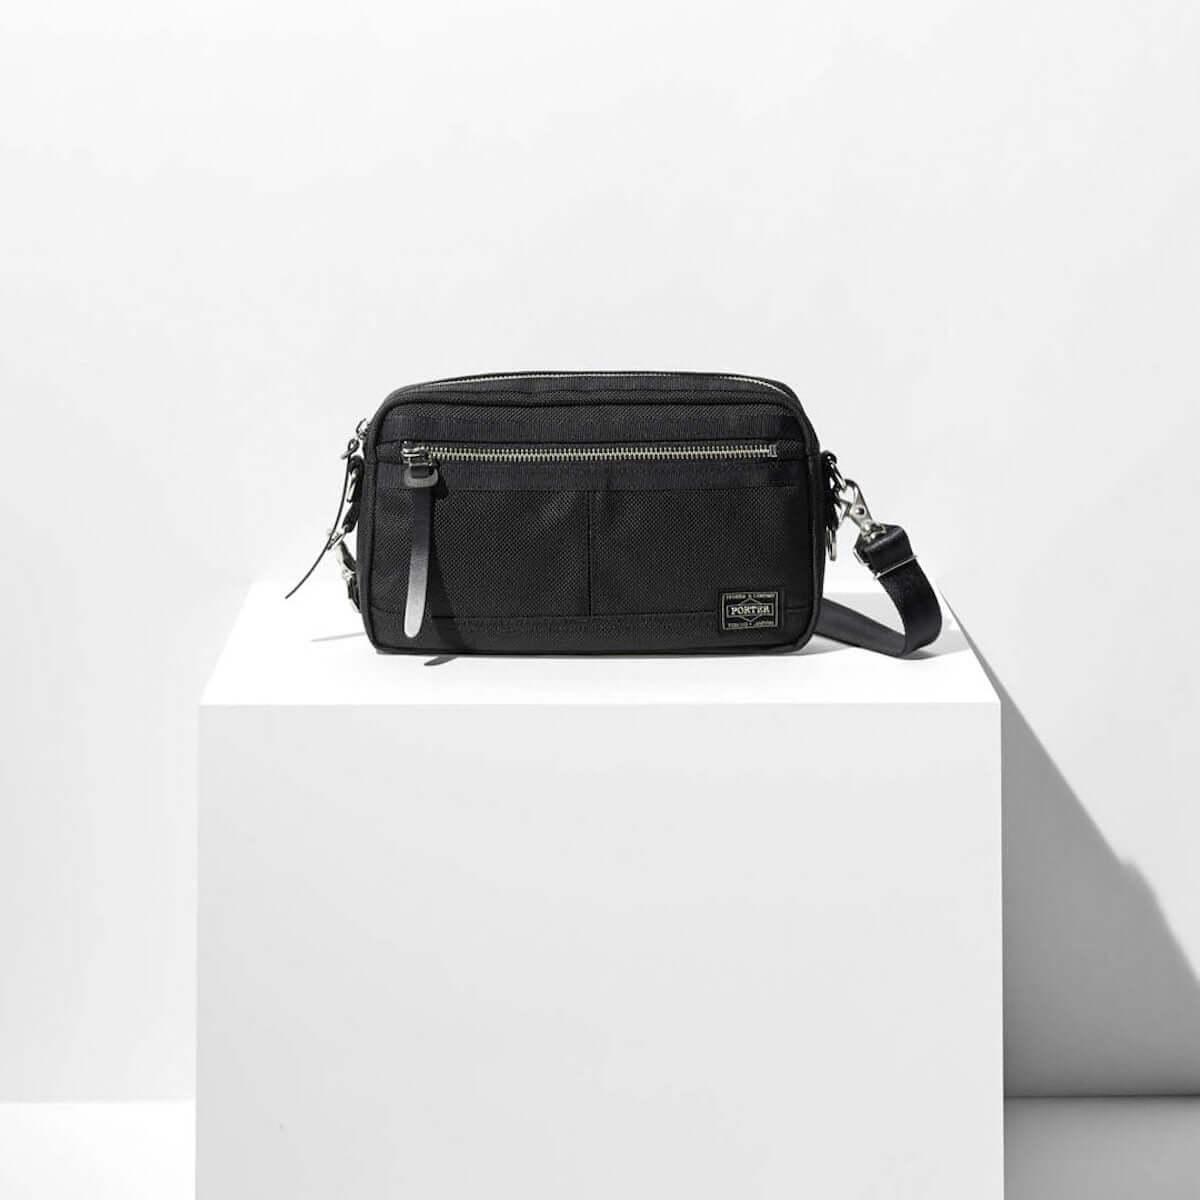 人気バッグブランドを集めたスペシャルストア「Amazon Packs」スタート!PORTERのAmazon限定モデルも fashion181130_packs_2-1200x1200